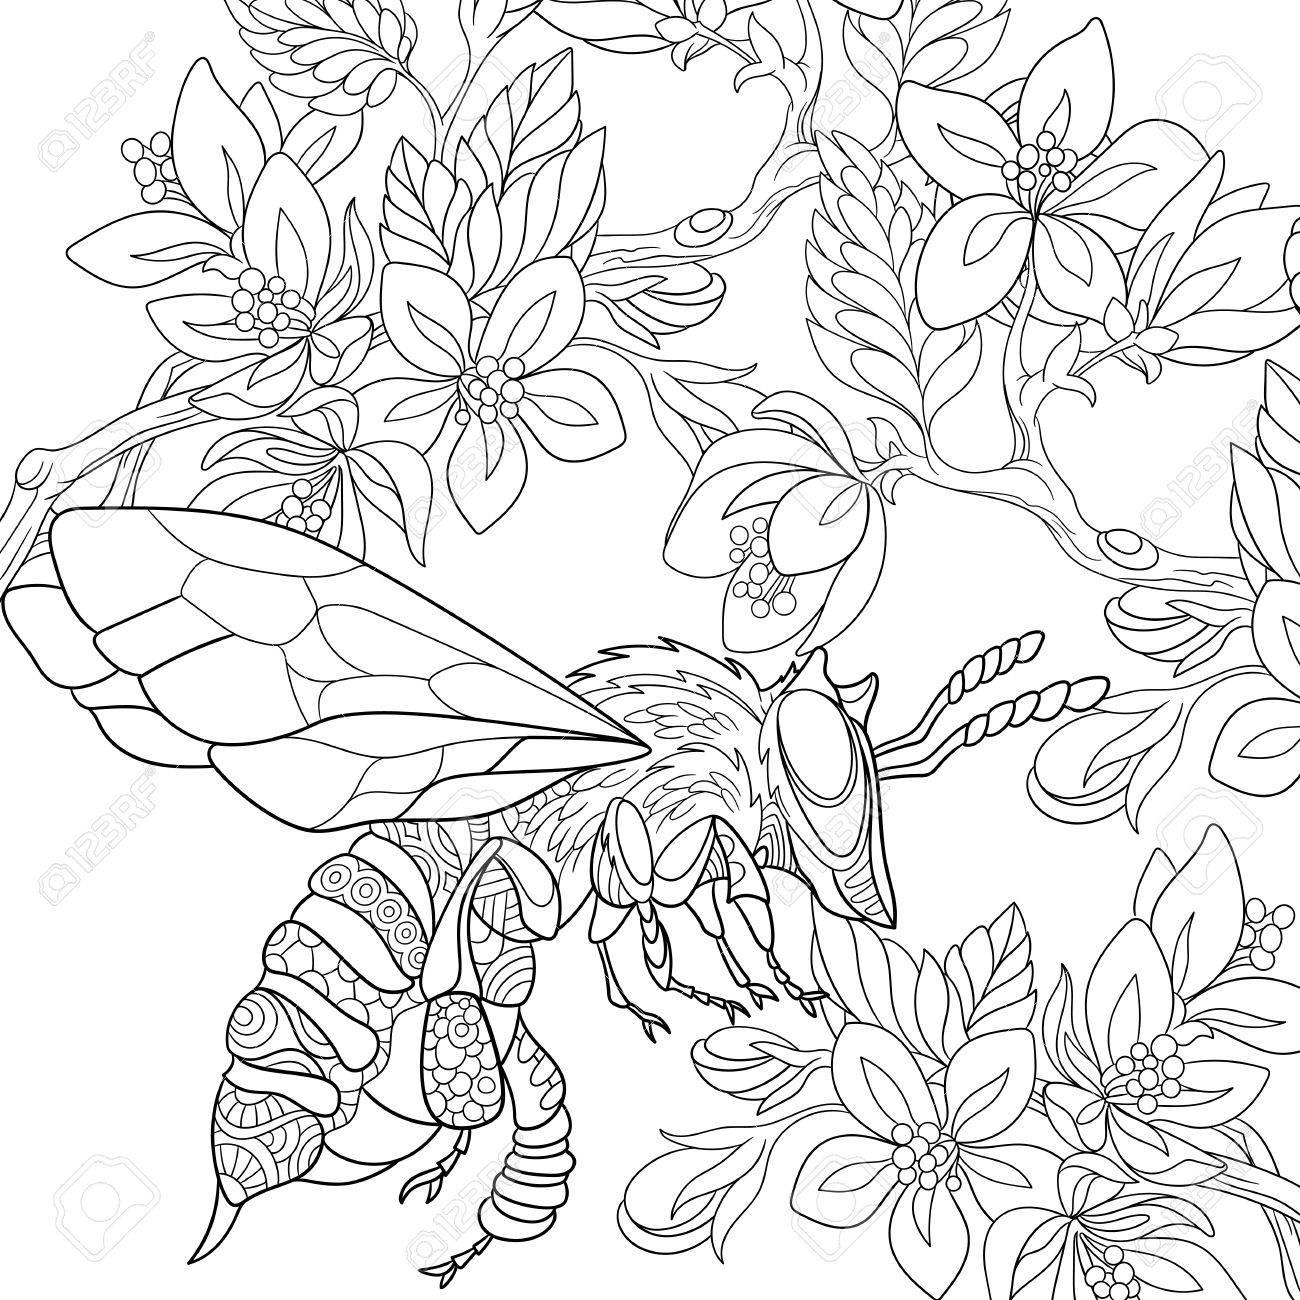 Abeja De Dibujos Animados Volando Entre Las Flores De Sakura Boceto Para Colorear Página Del Adulto Antiestrés Mano Bosquejo Dibujado Elementos